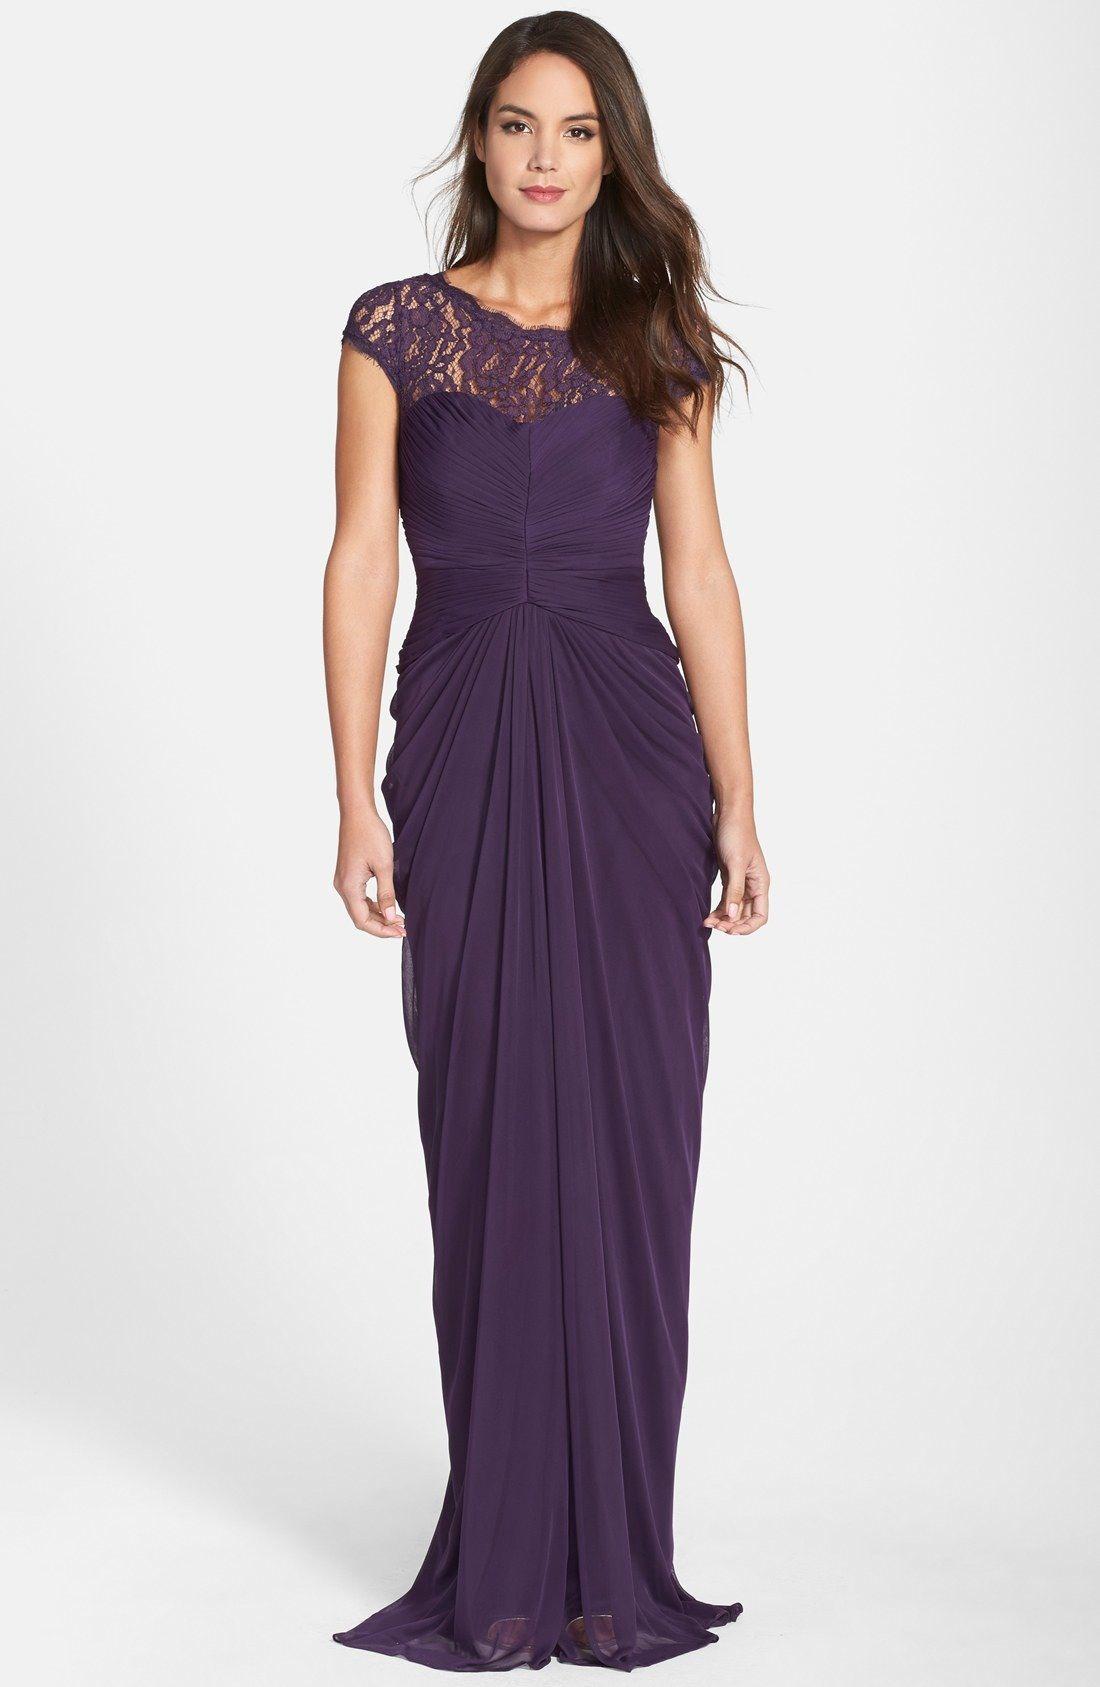 Perfecto Wedding Dresses At Nordstrom Colección - Vestido de Novia ...